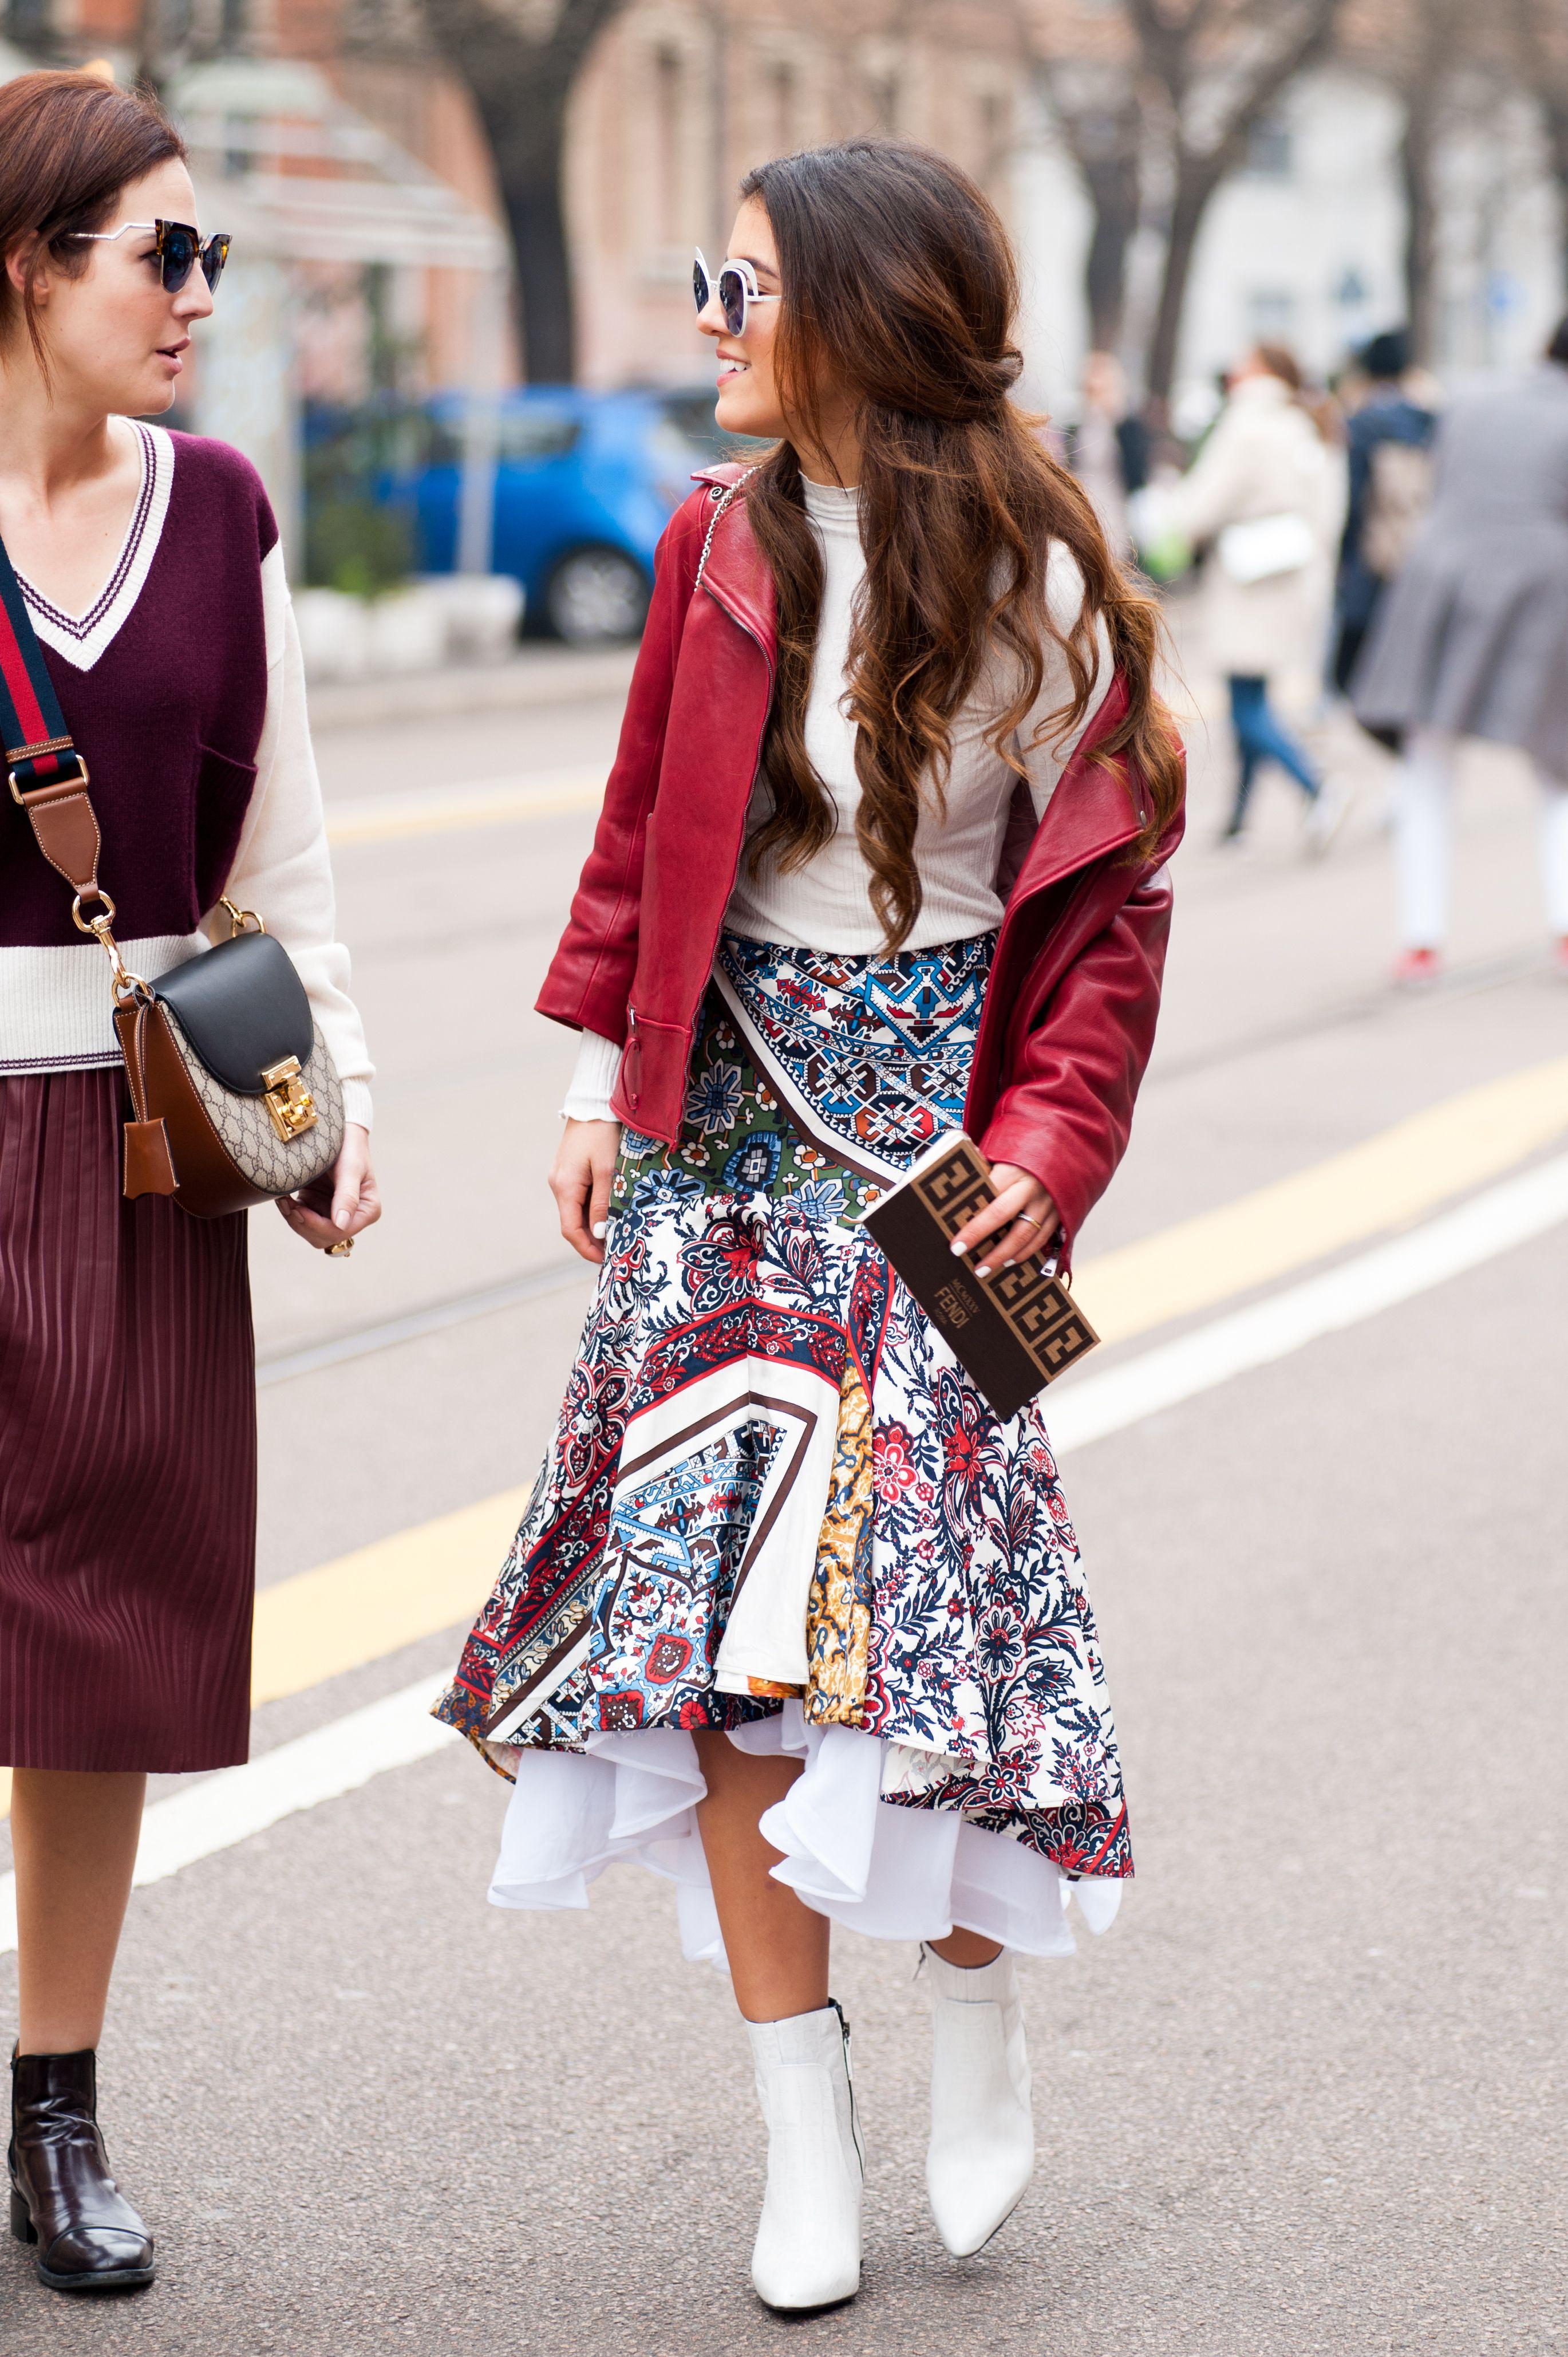 Suknje su postale luđe nego ikad - usuđujete li se nositi ih?